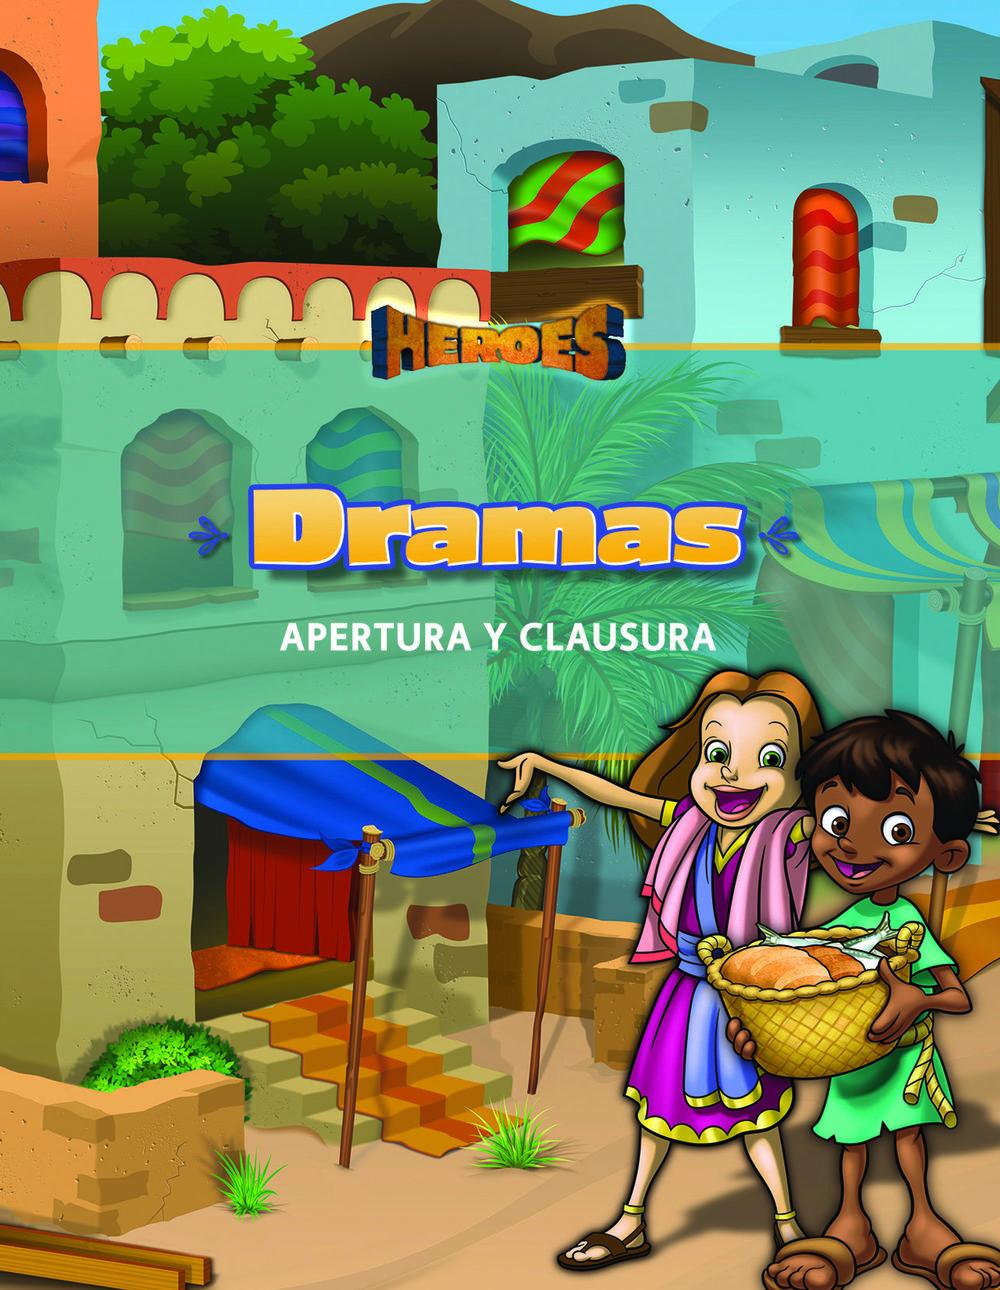 EBV 20 Héroes | Dramas de apertura y clausura